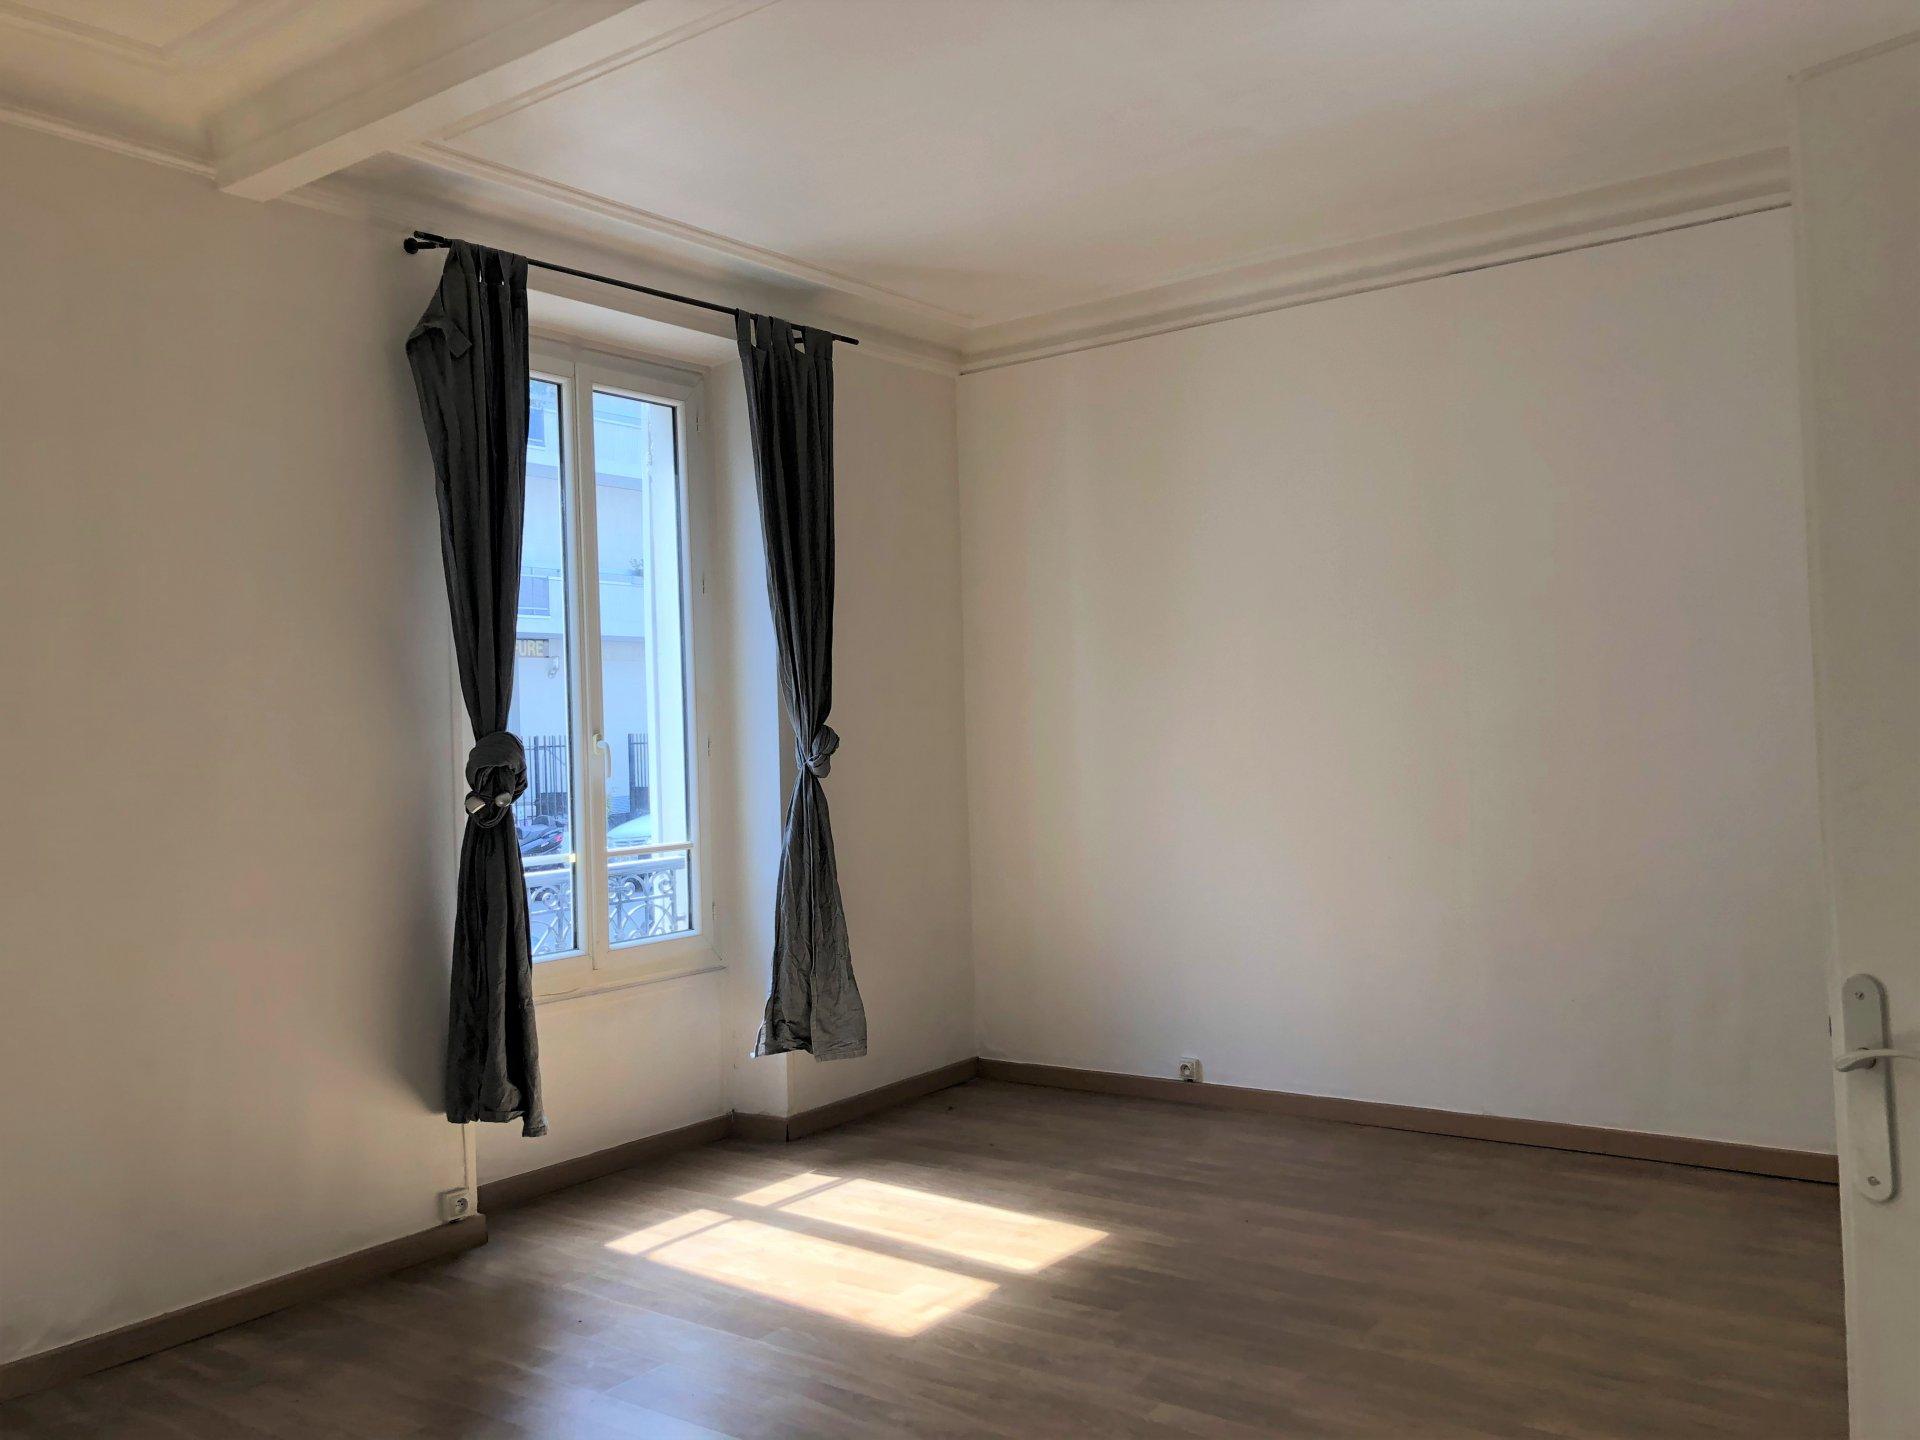 Grand Deux pièces de 47 m² rue de Villiers à Levallois